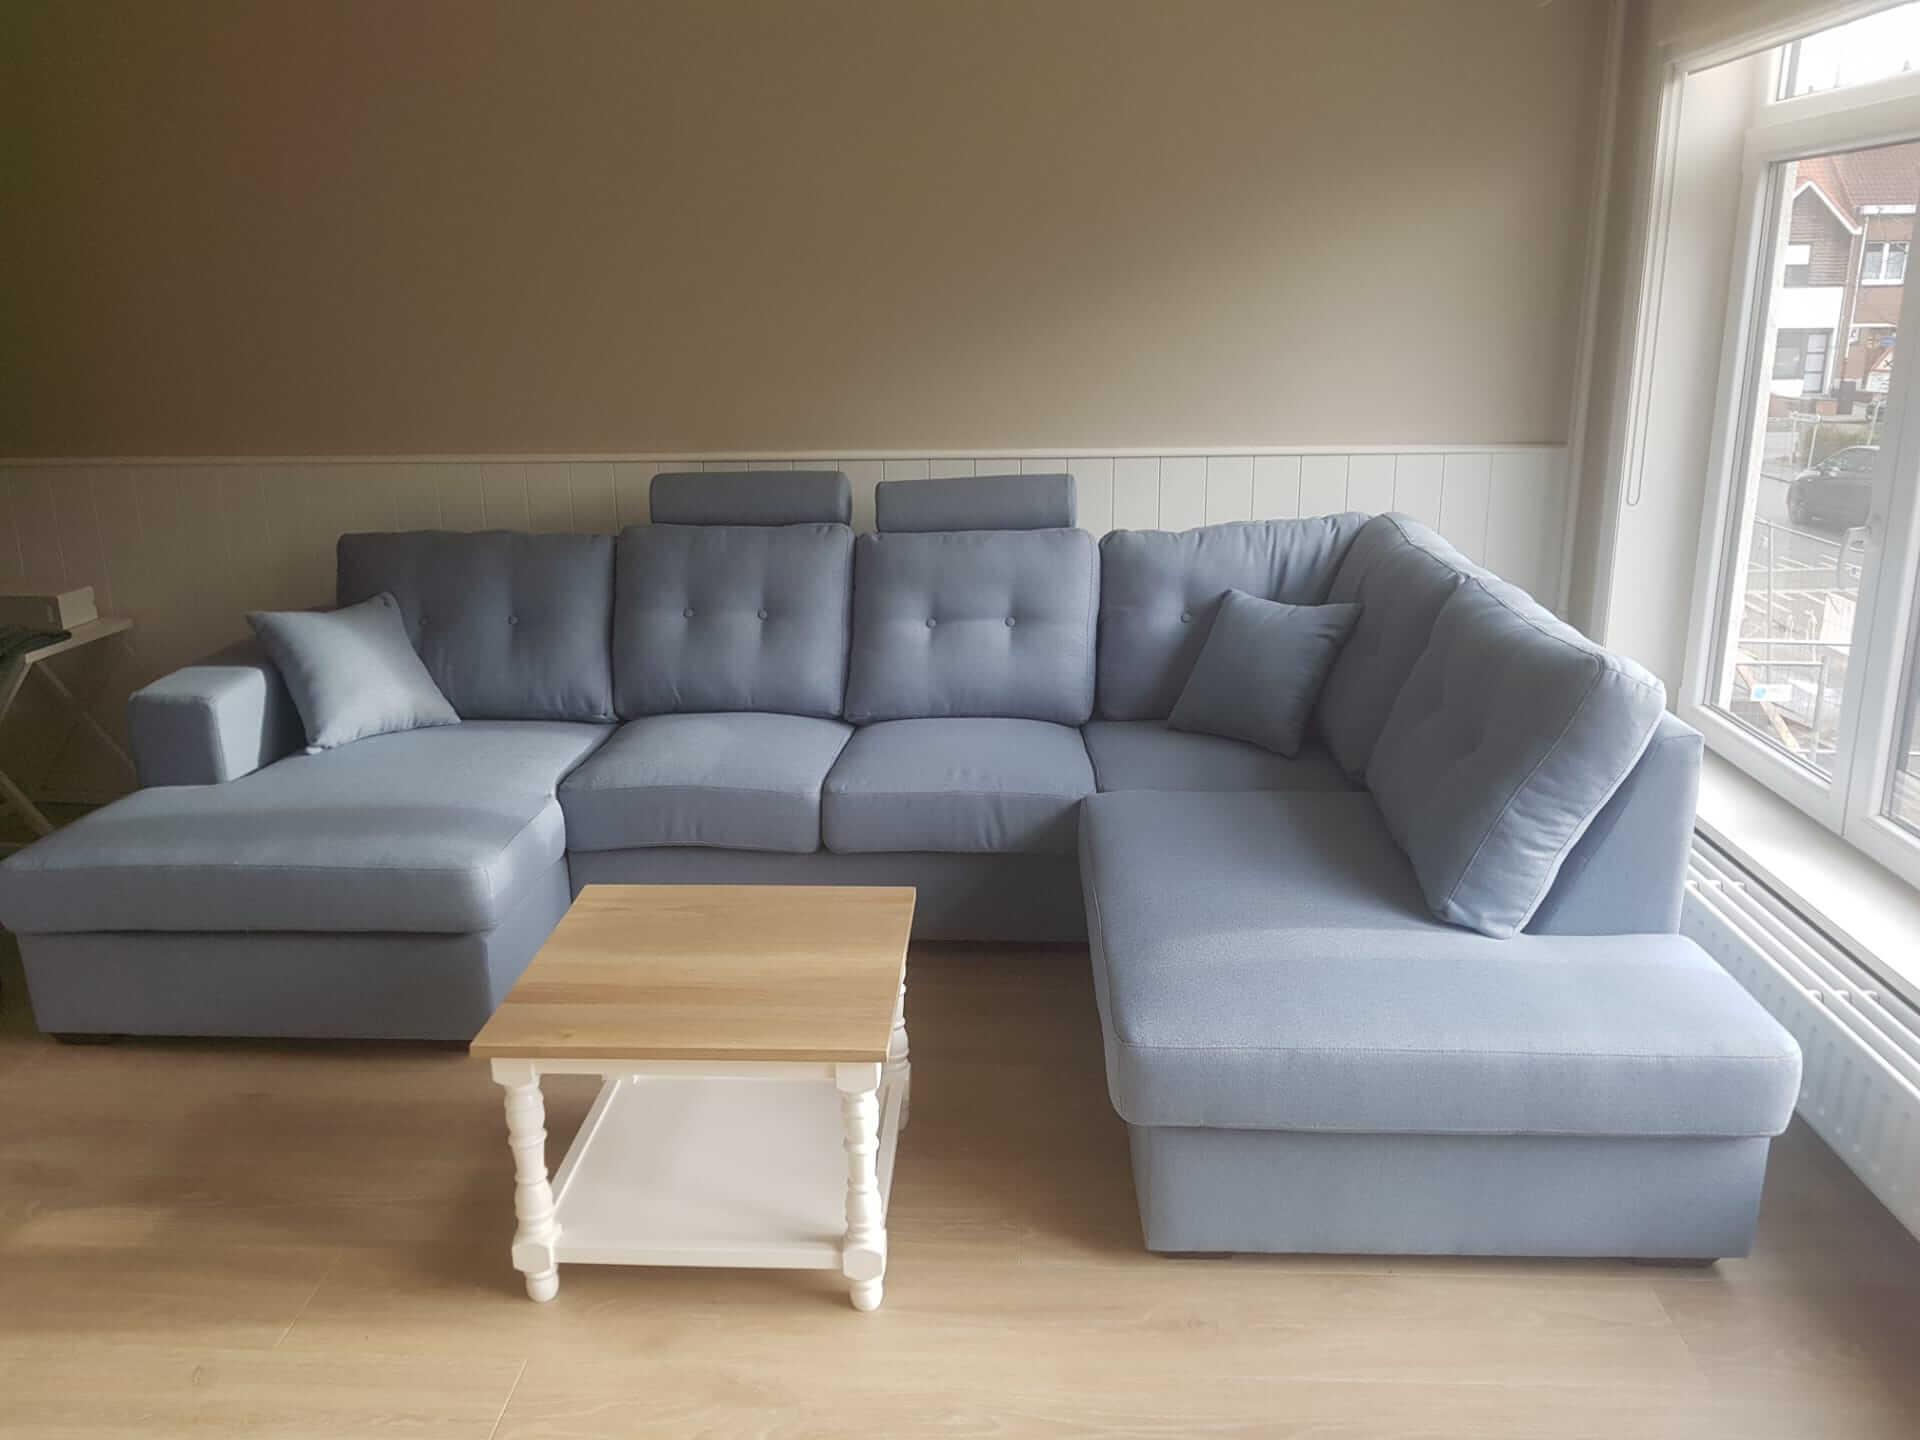 Landelijke sofa's in alle opstellingen